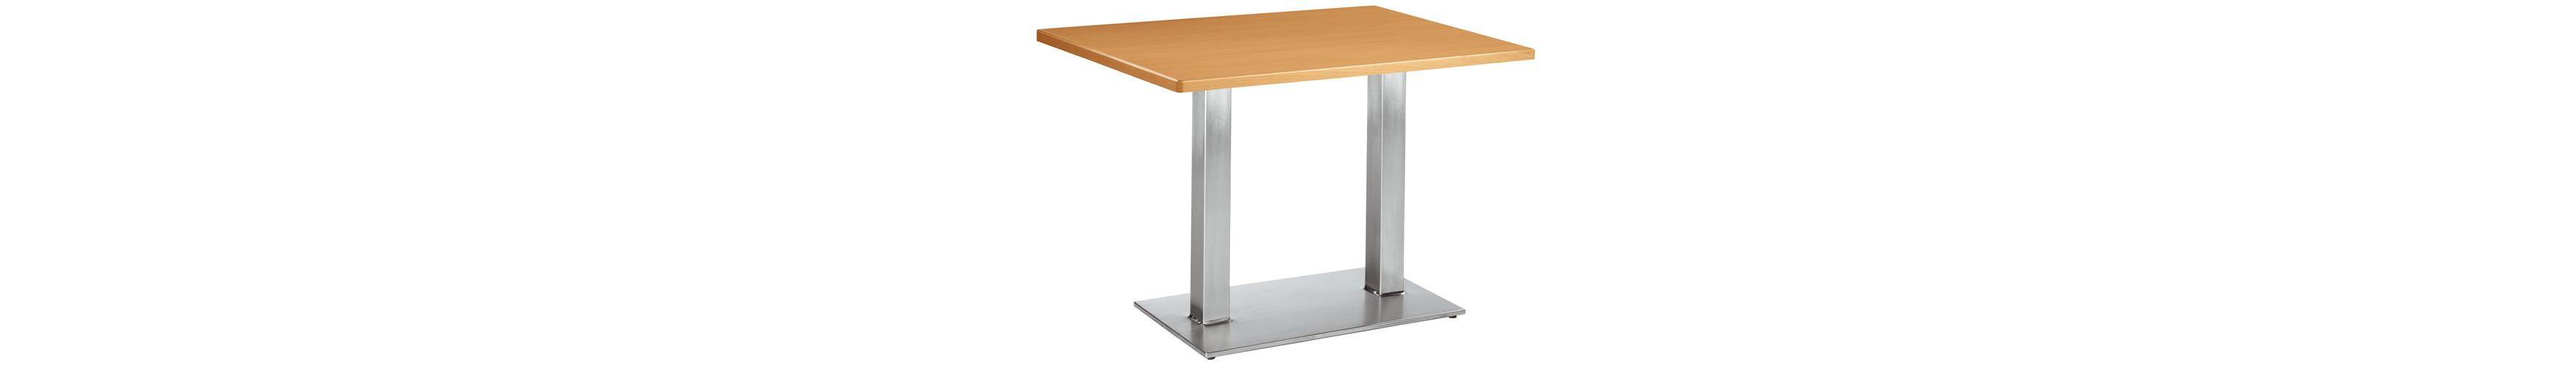 107 tafels distrac group totaalconcept zorgmeubilair - Tafel met chevet ...